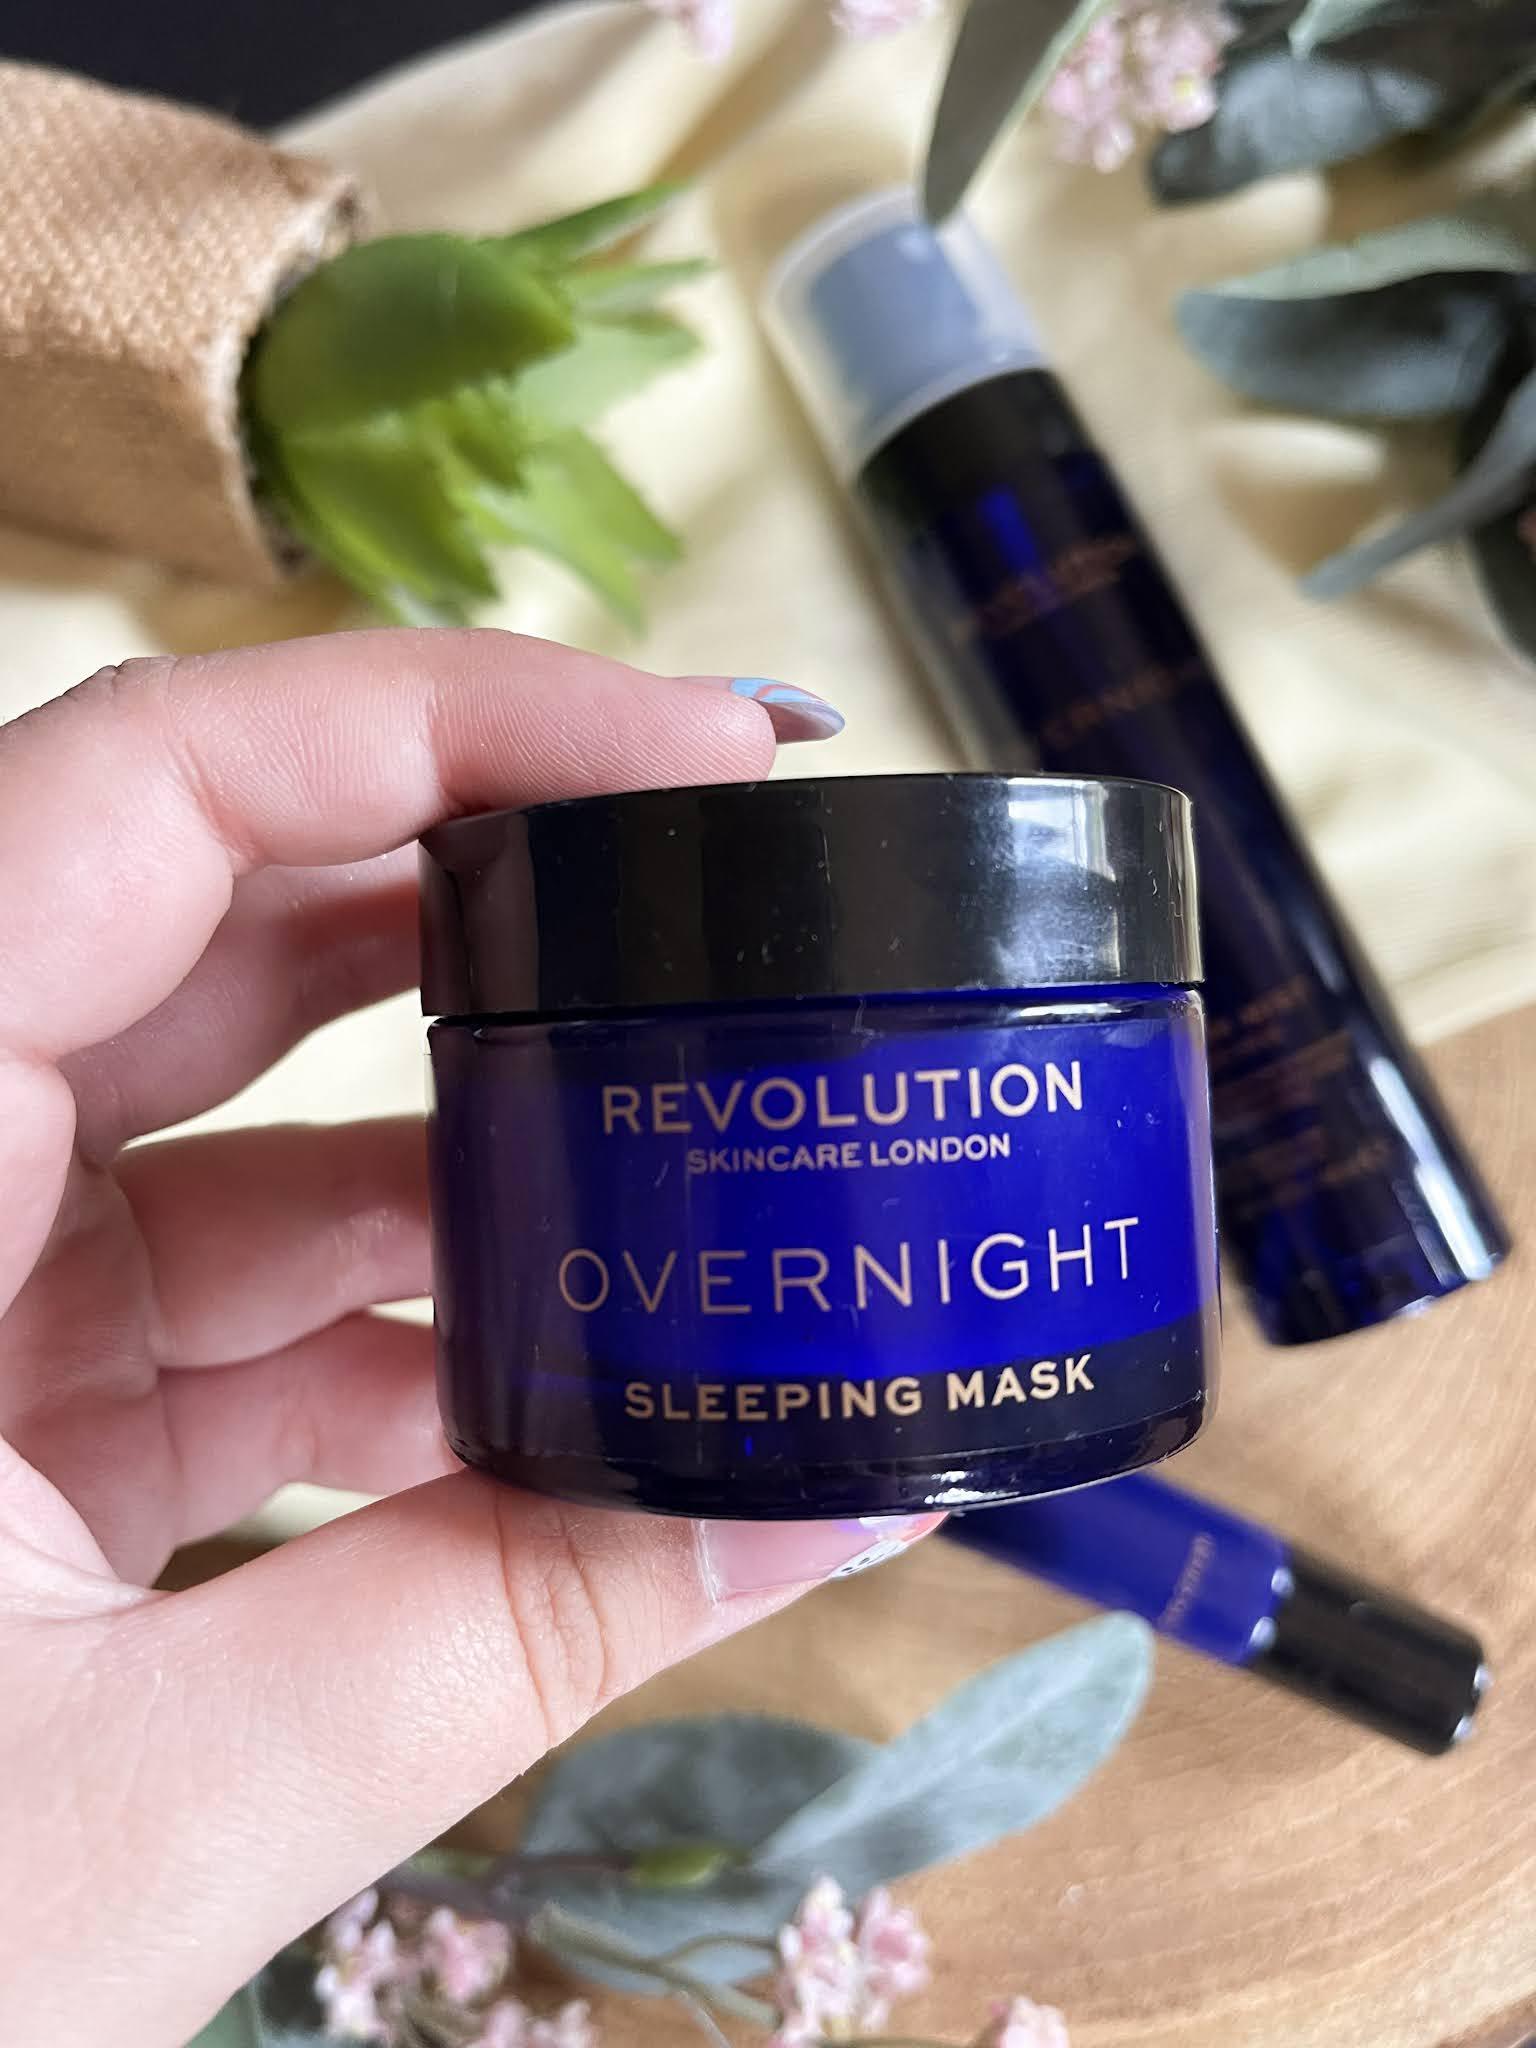 Mascarilla de noche Overnight de Revolution Skincare